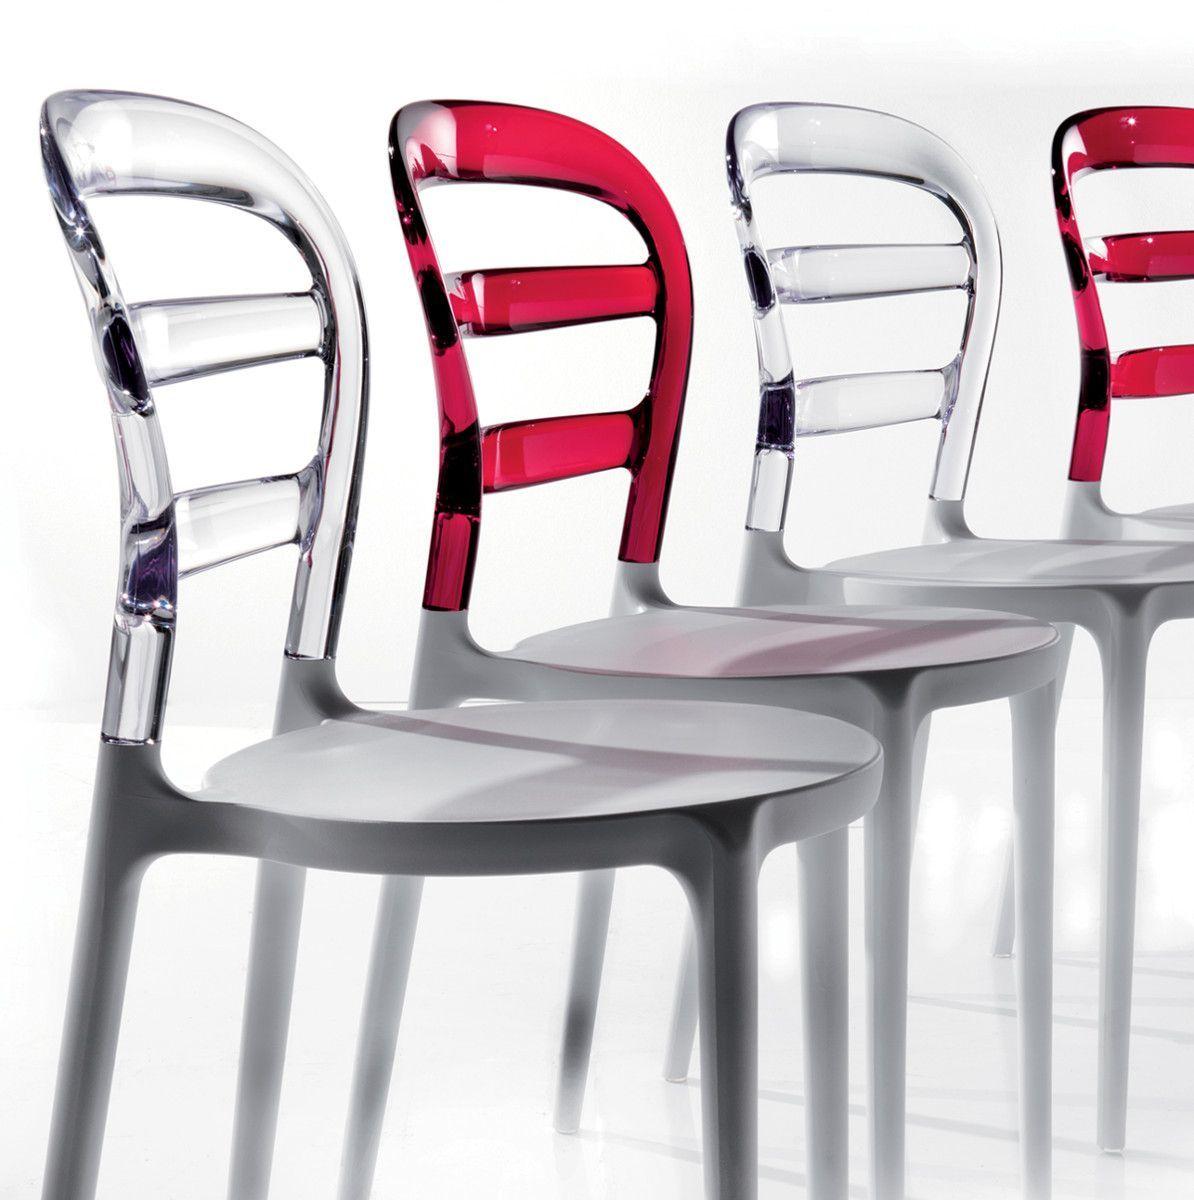 Sedie Moderne Per Sala Da Pranzo A Prezzi Bassi  jakarta 2021